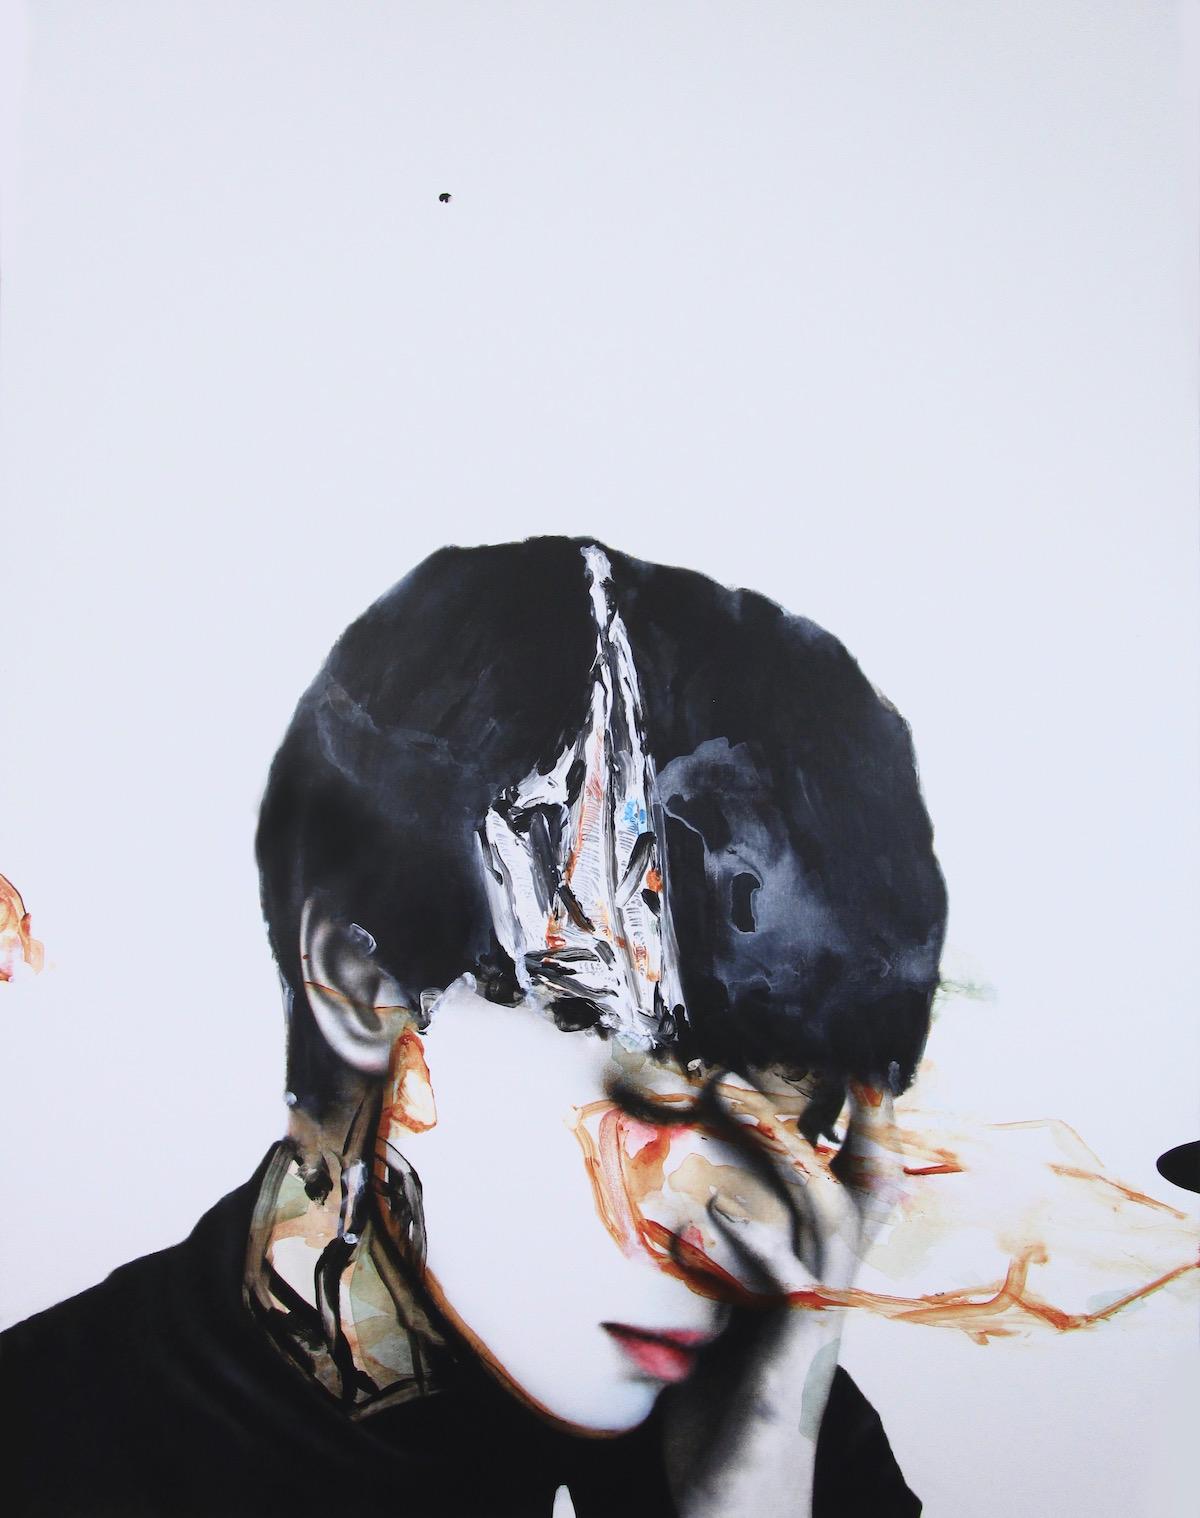 antoine cordet canvas toile peinture painting portrait art artist artiste peintre acrylic oil that's the fire I lit